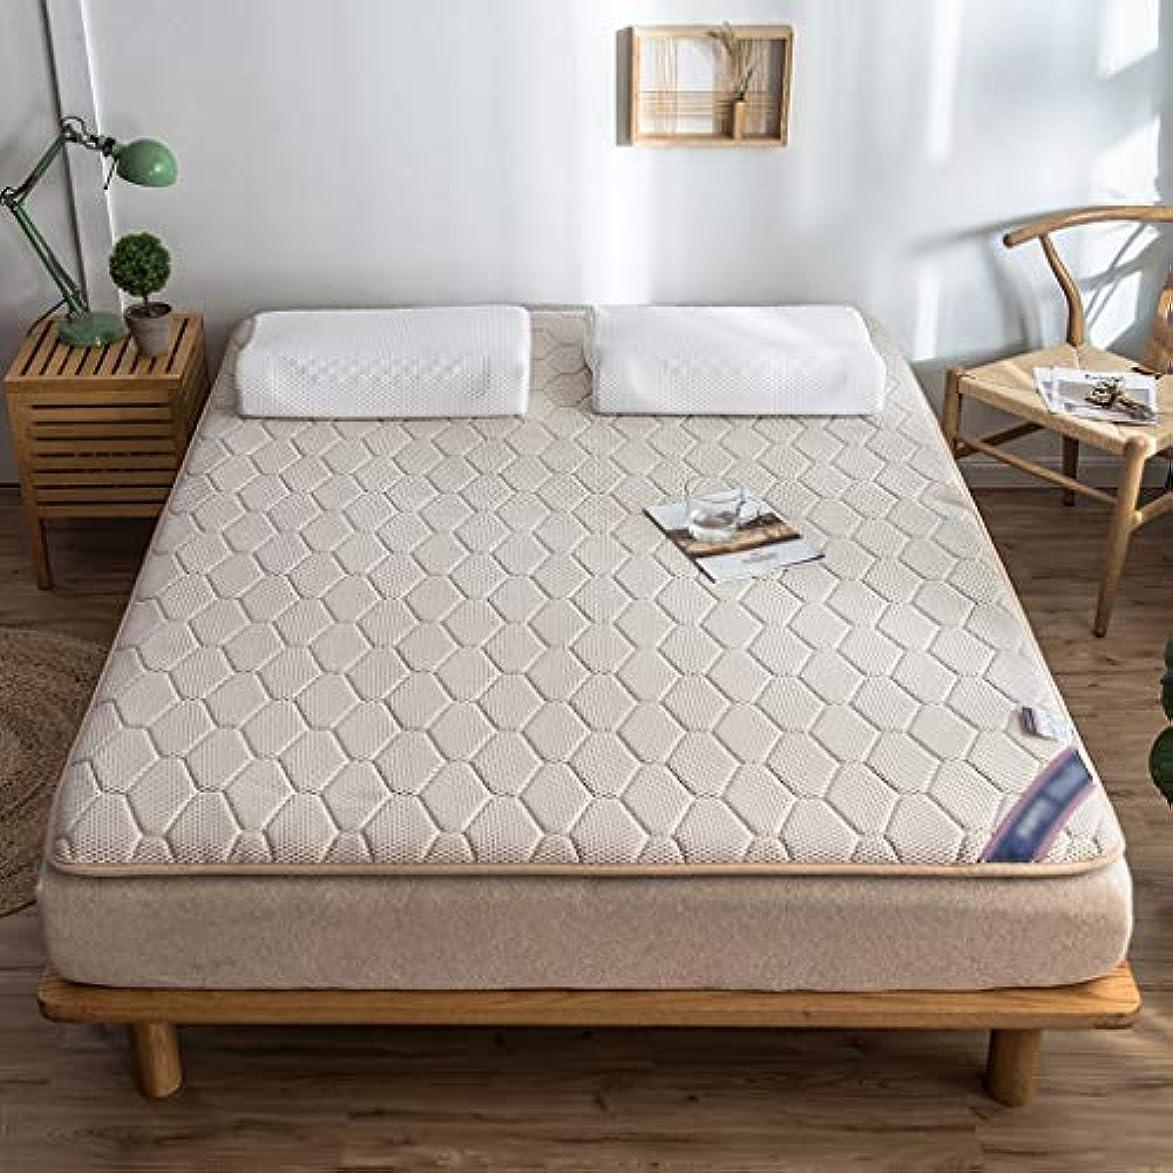 予報アイザックアミューズマットレストッパーパッド天然ラテックスパッド畳ベッドカバー保護パッドフロアマット家庭用クッション (色 : Khaki, サイズさいず : 90×200cm)